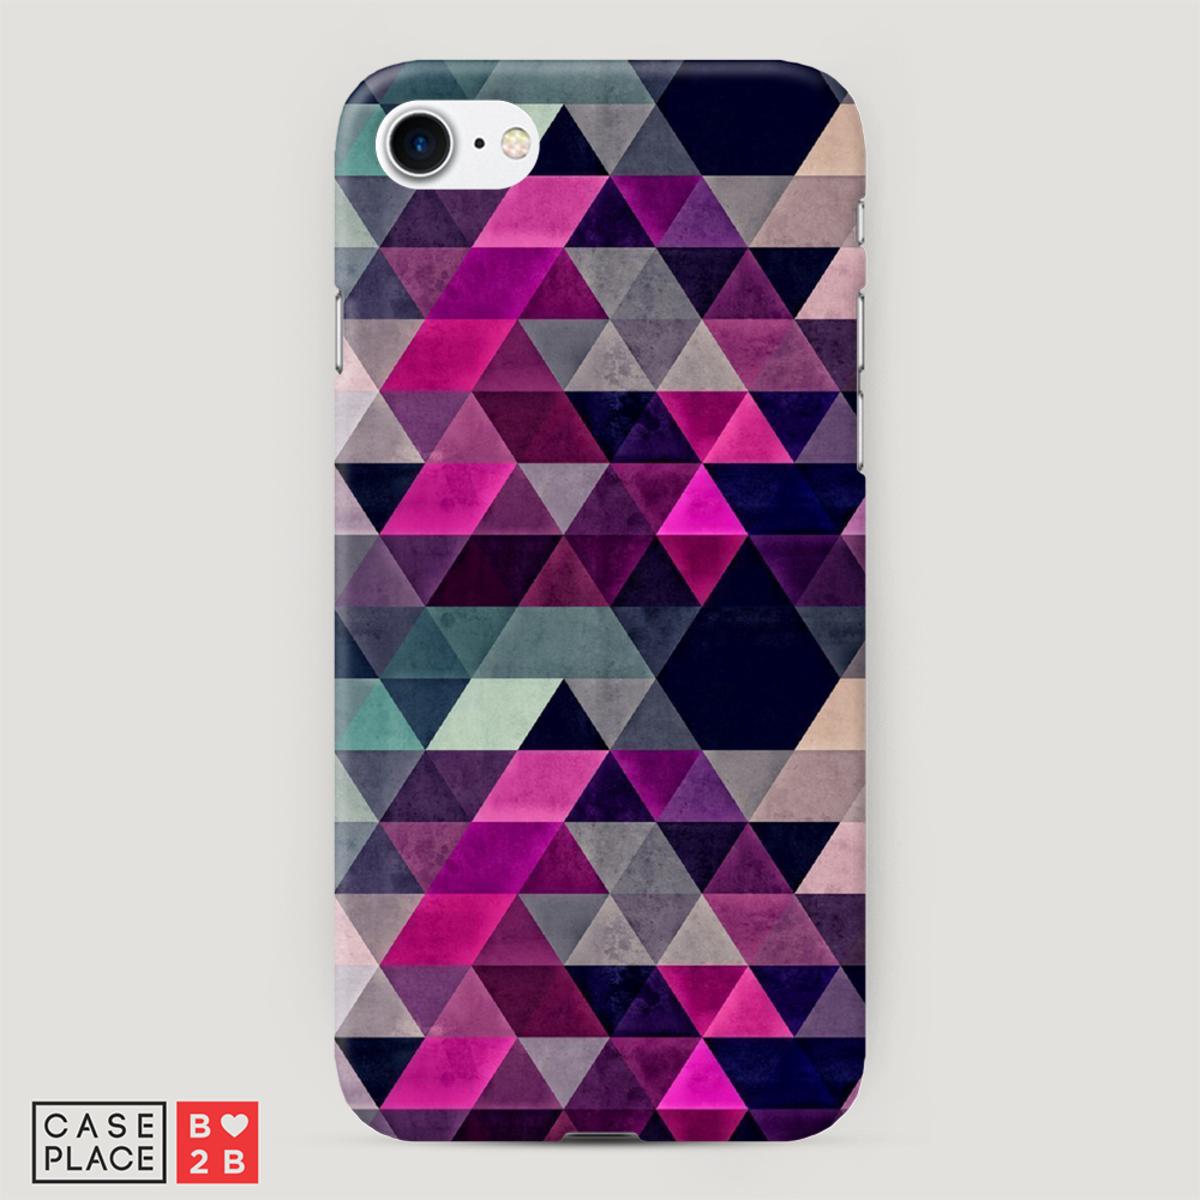 Чехол Фиолетово-синие ромбики с 3D сублимацией оптом